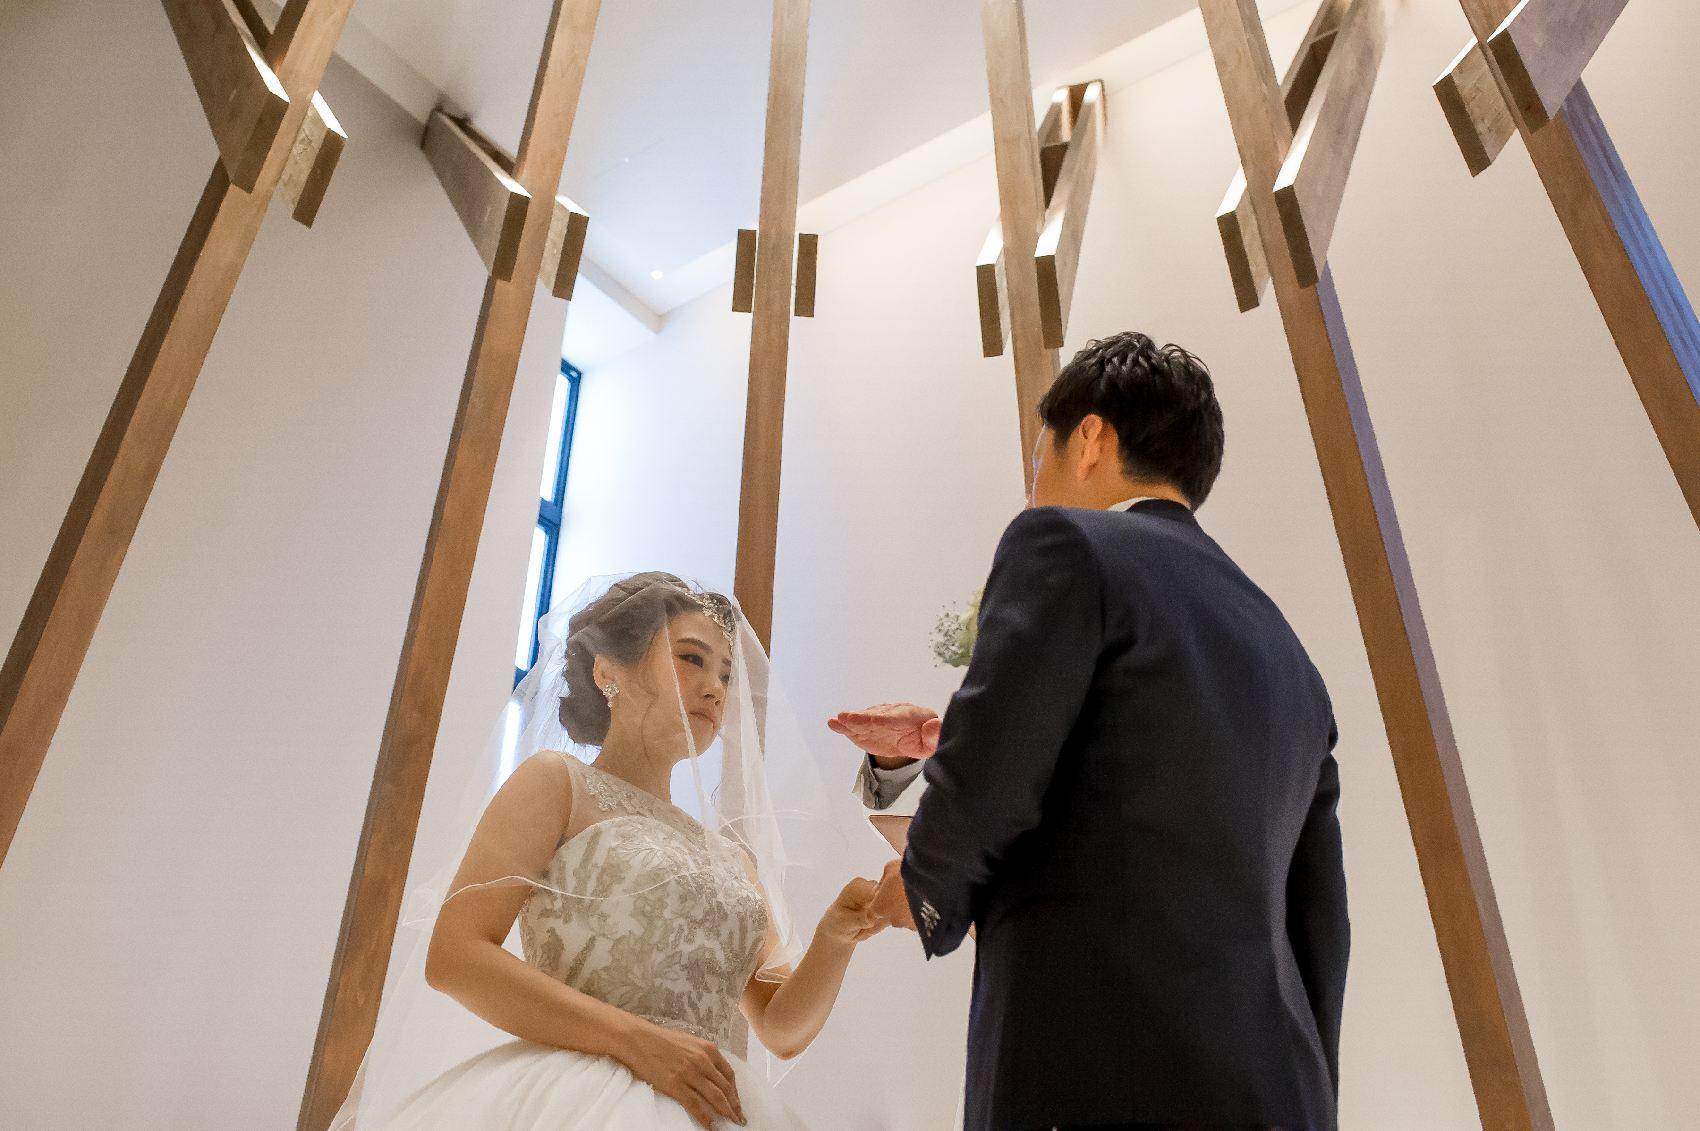 香川県高松市の結婚式場アナザースタイルの誓いの言葉